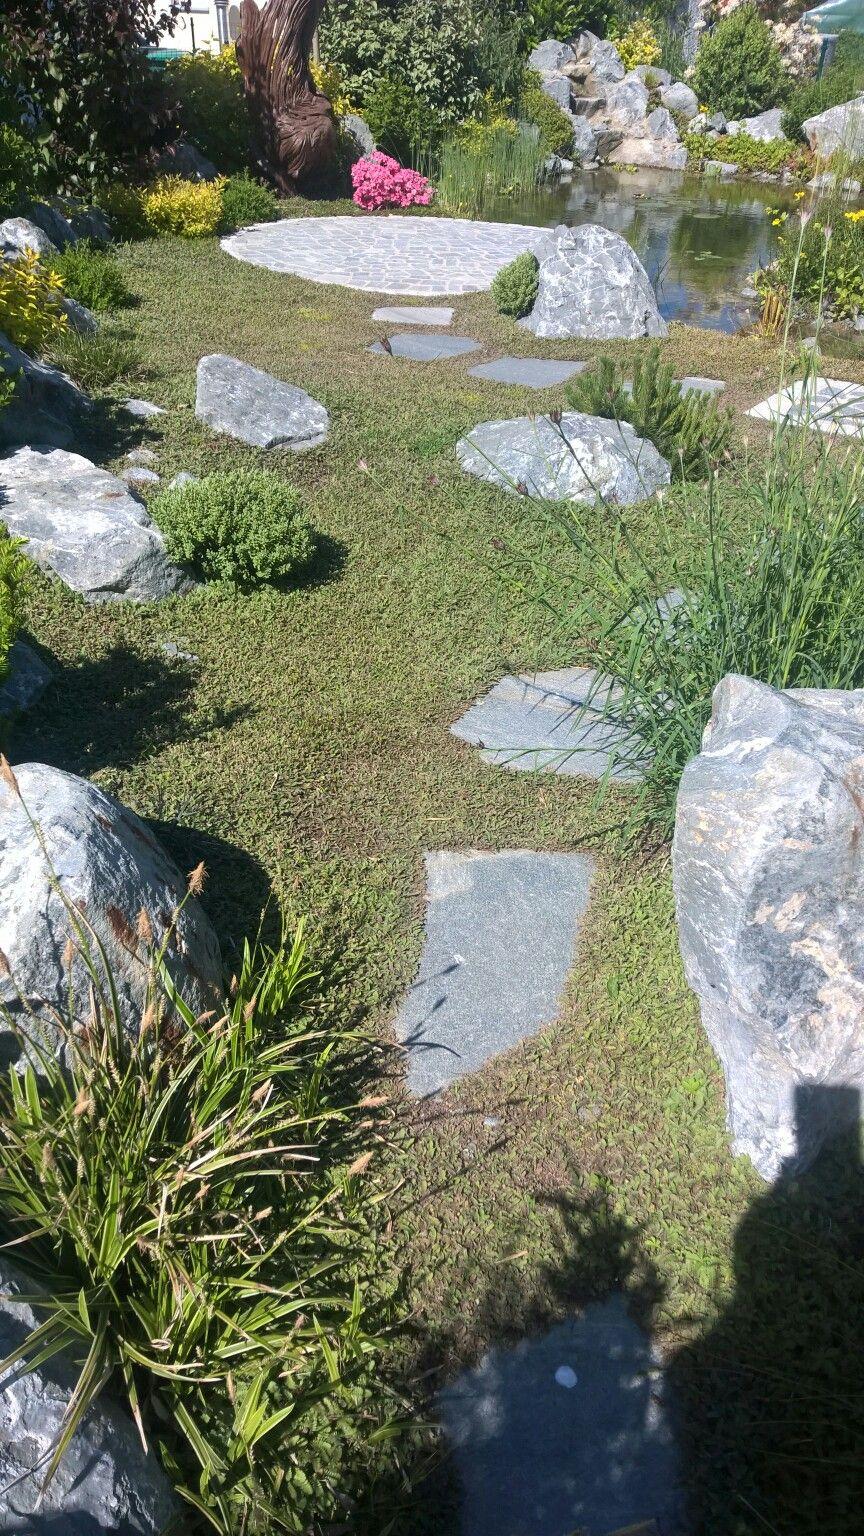 natürliche Teichanlage, Gartenteich, Bachlauf | Neues Gartendesign ...